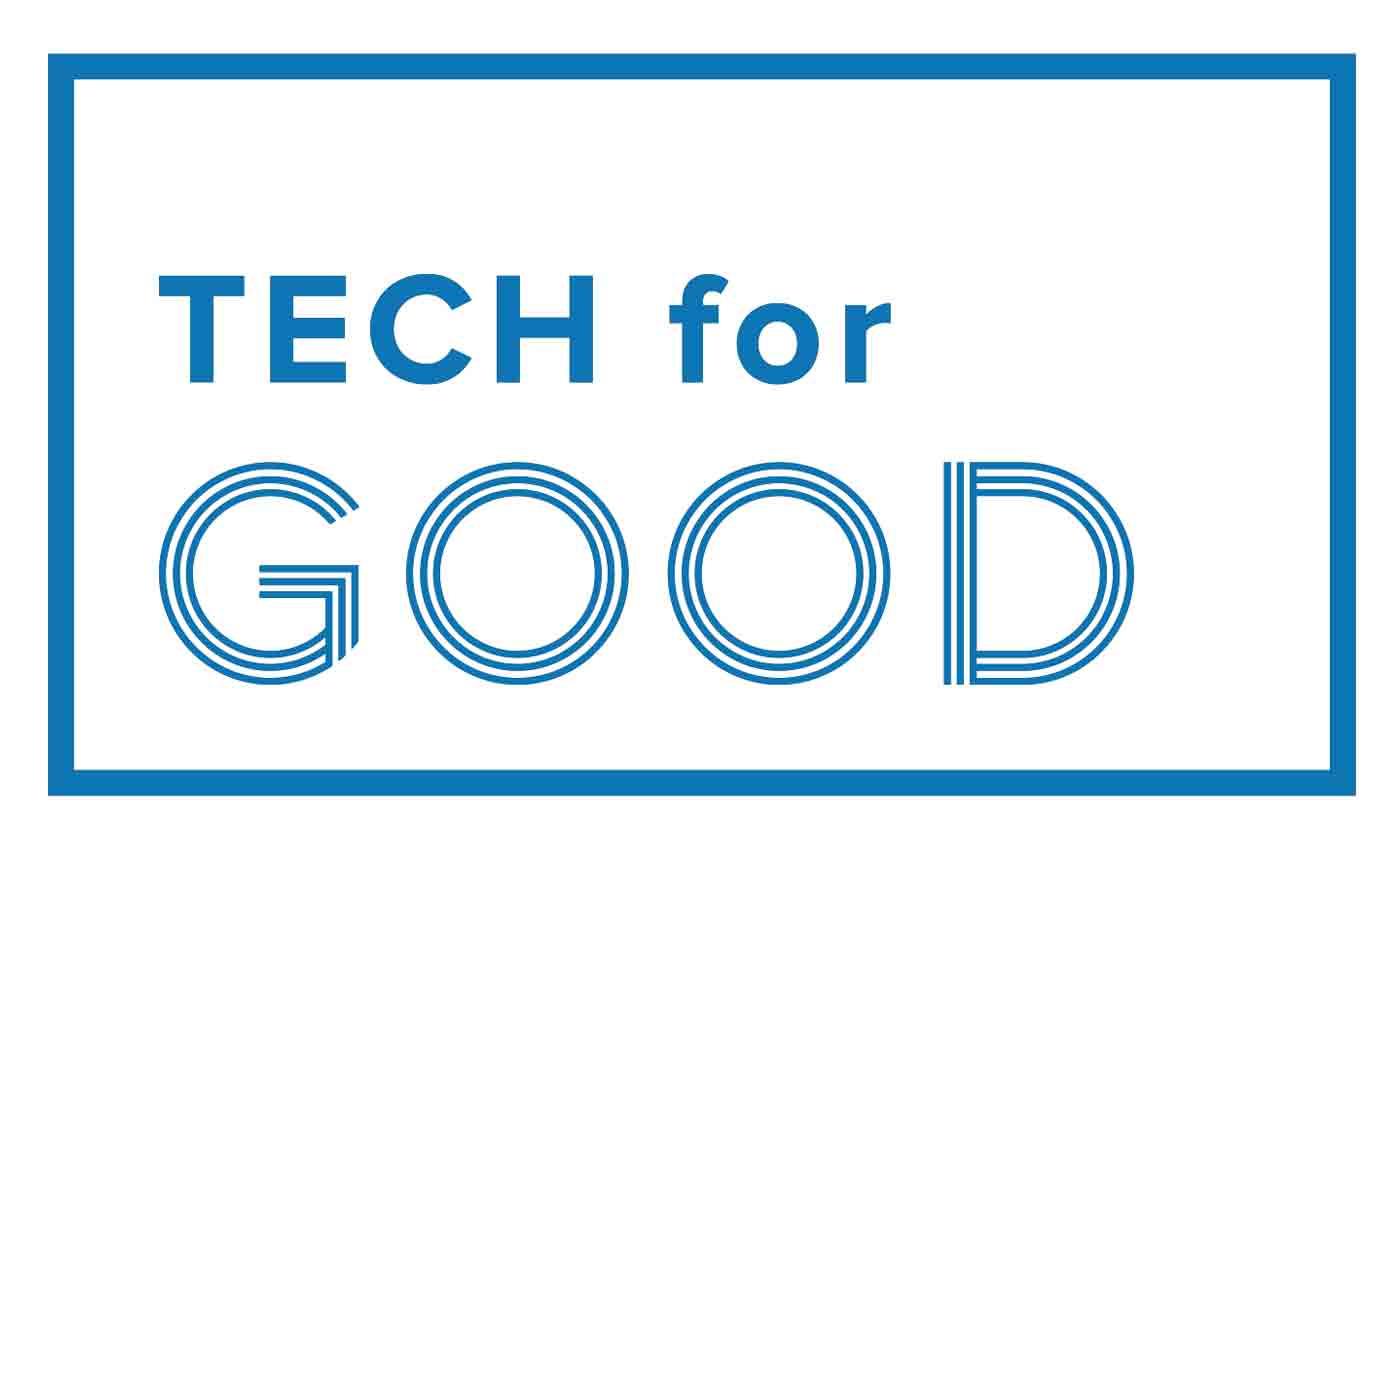 Tech for Good: Peace Tech show art